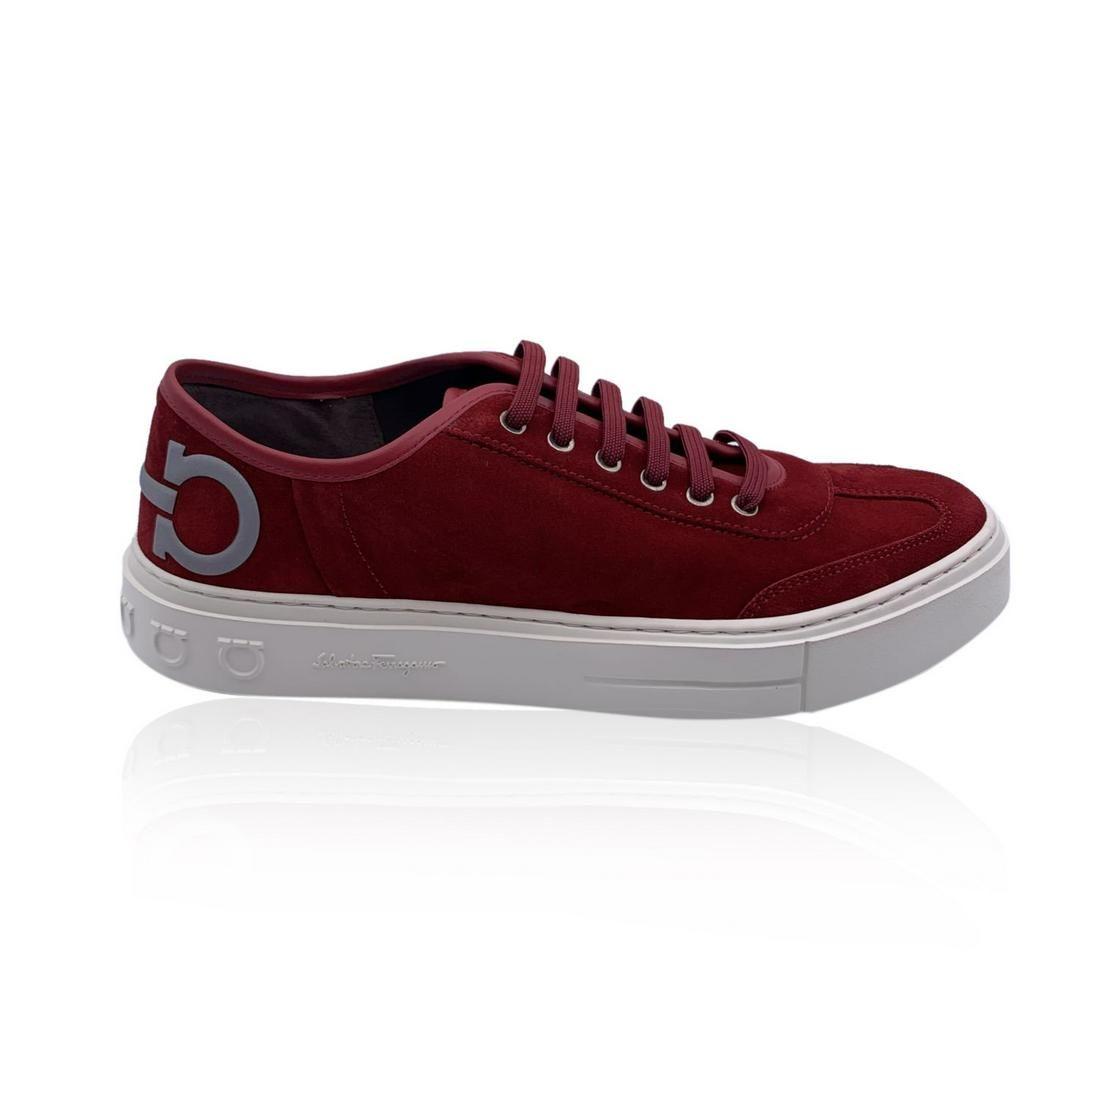 Salvatore Ferragamo Red Suede Truman Men Sneaker 10M US